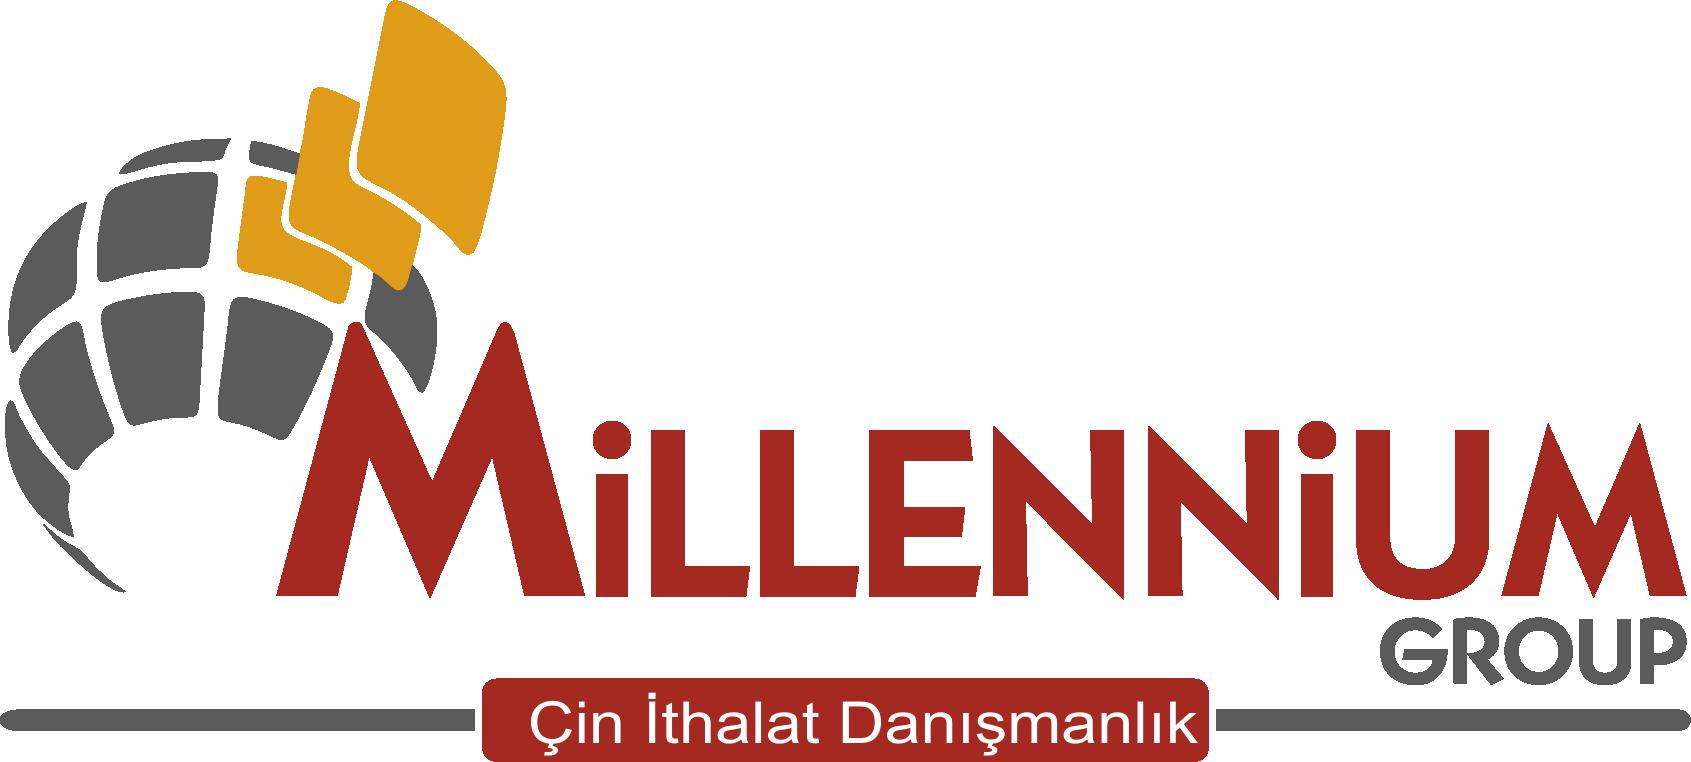 Millennium Çin İthalat Danışmanlık